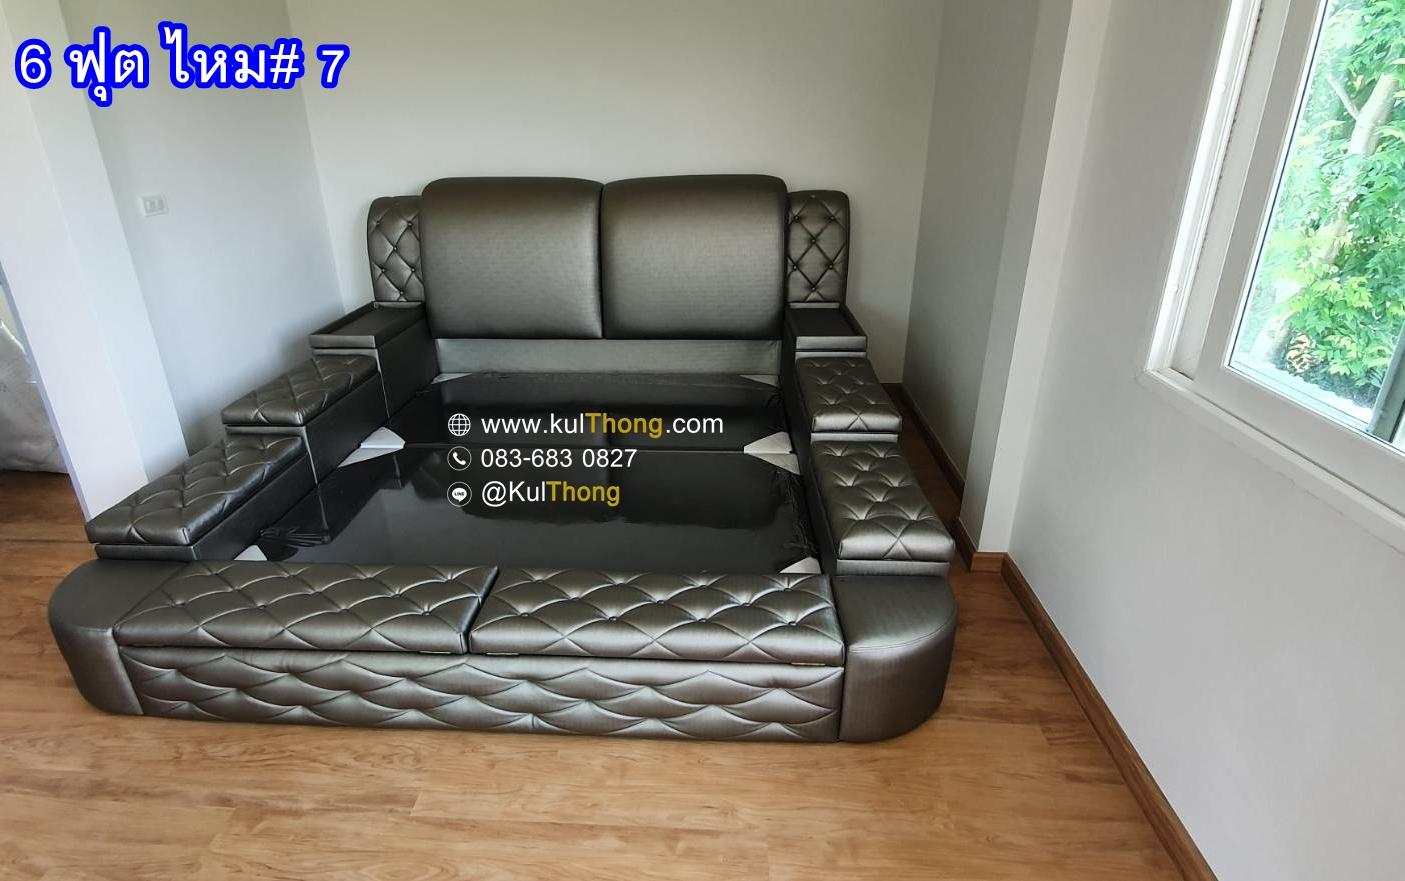 เตียงเปิดฝา เตียงมีที่เก็บของ เตียงหุ้มหนังมีกล่อง เตียงญี่ปุ่น